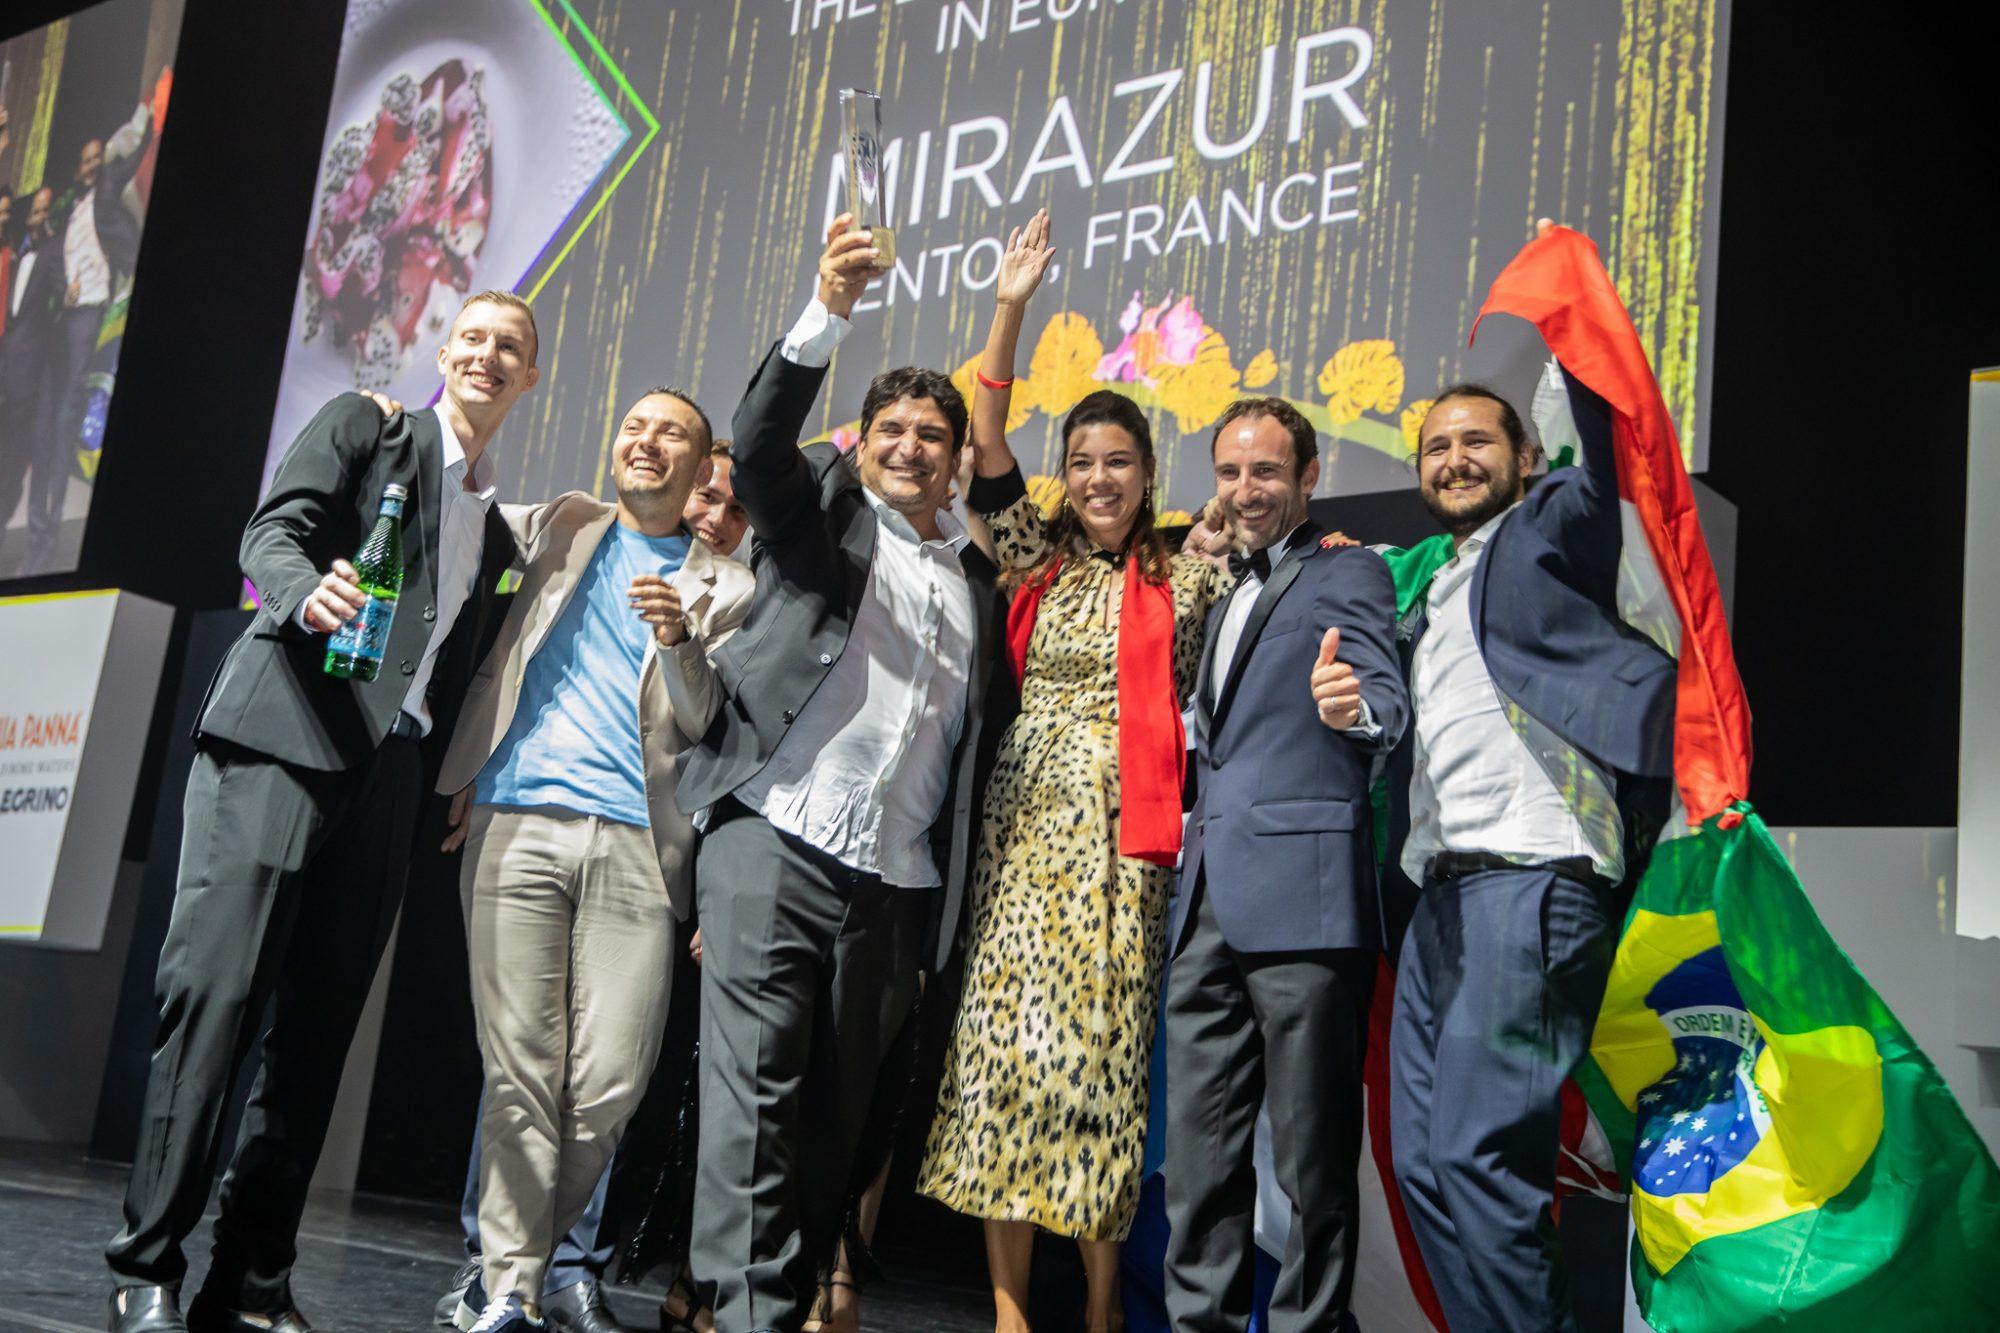 The team behind Mirazur, voted The World's Best Restaurant 2019, sponsored by S.Pellegrino & Acqua Panna